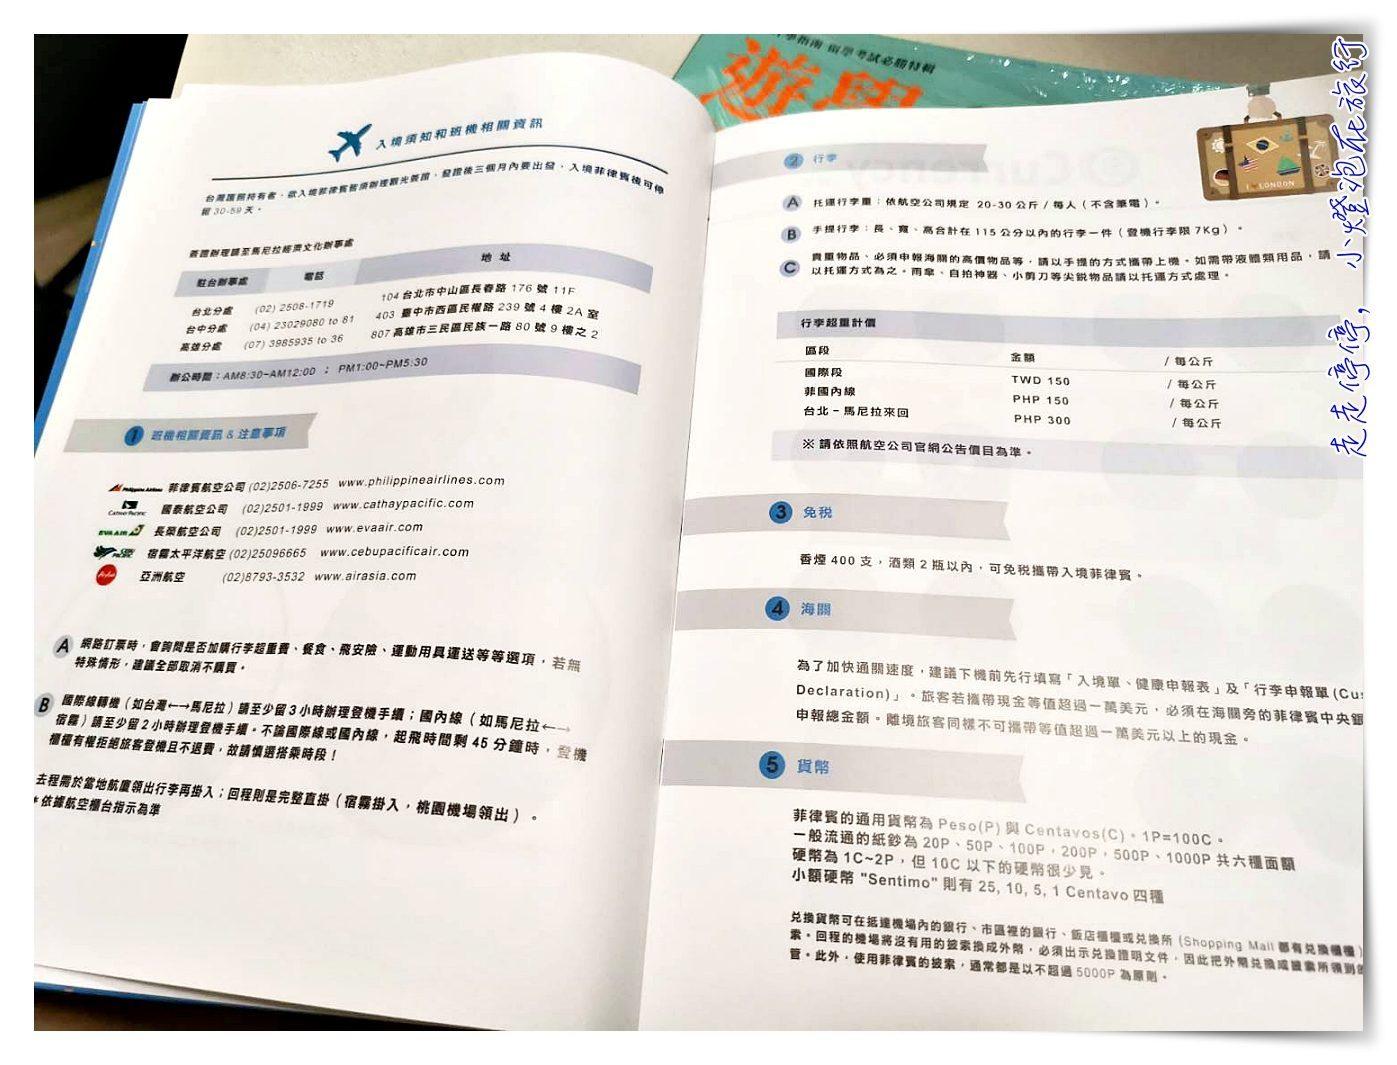 長灘島遊學代辦中心|非凡遊學網,讓你可以線上就完成申請、諮詢以及前往菲律賓學習英文~